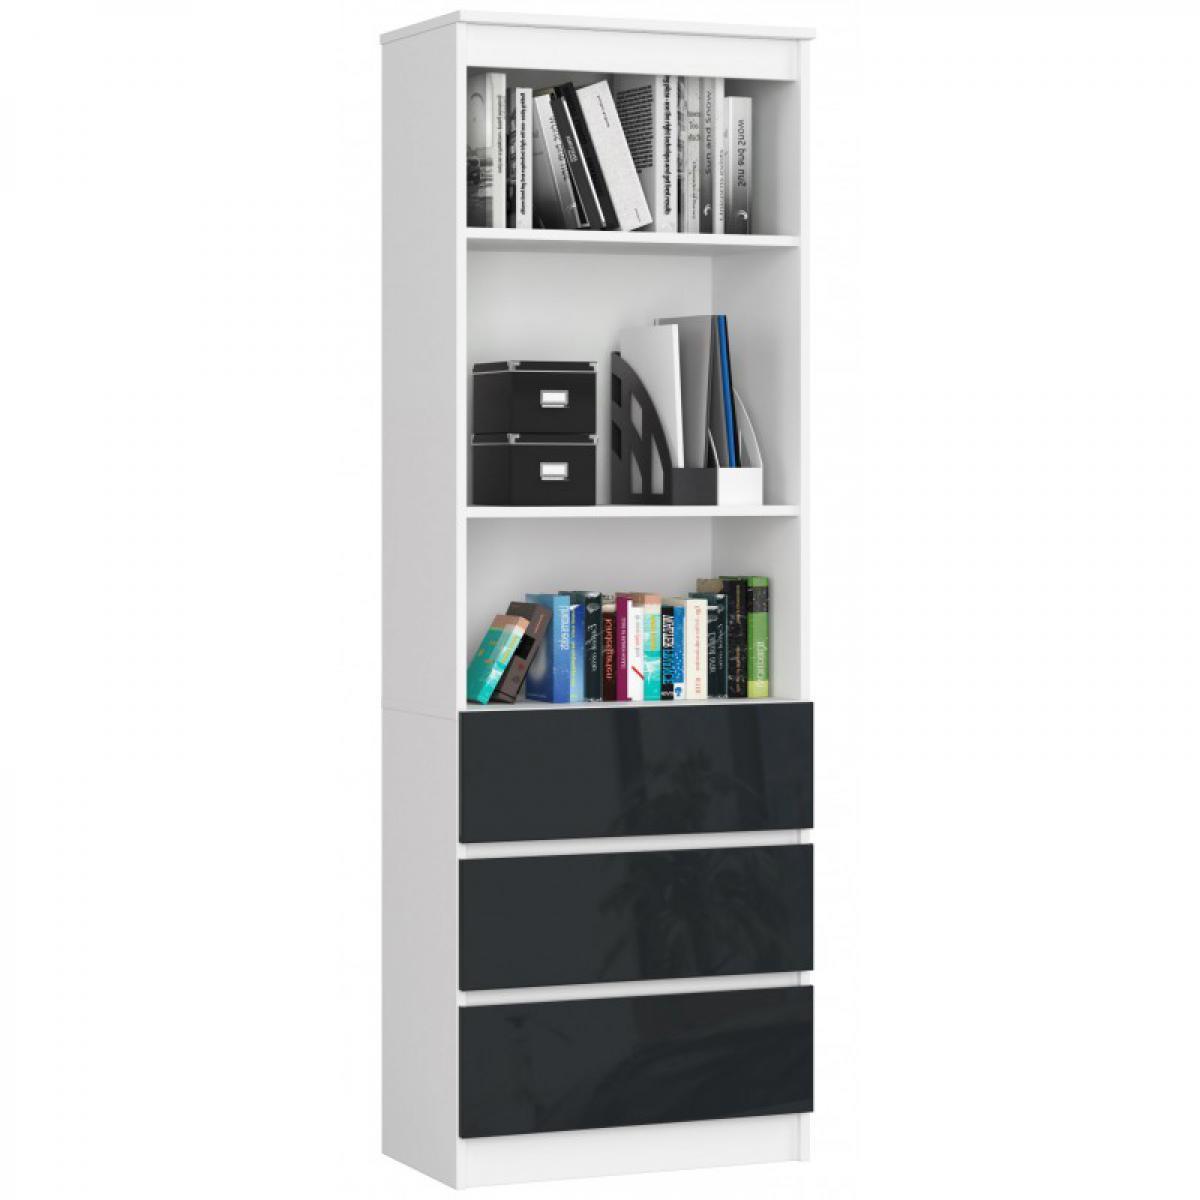 Hucoco CARLO - Grande bibliothèque moderne - 2 étagères + 3 tiroirs - 180x60x35cm - Rangement livres/déco - Gris